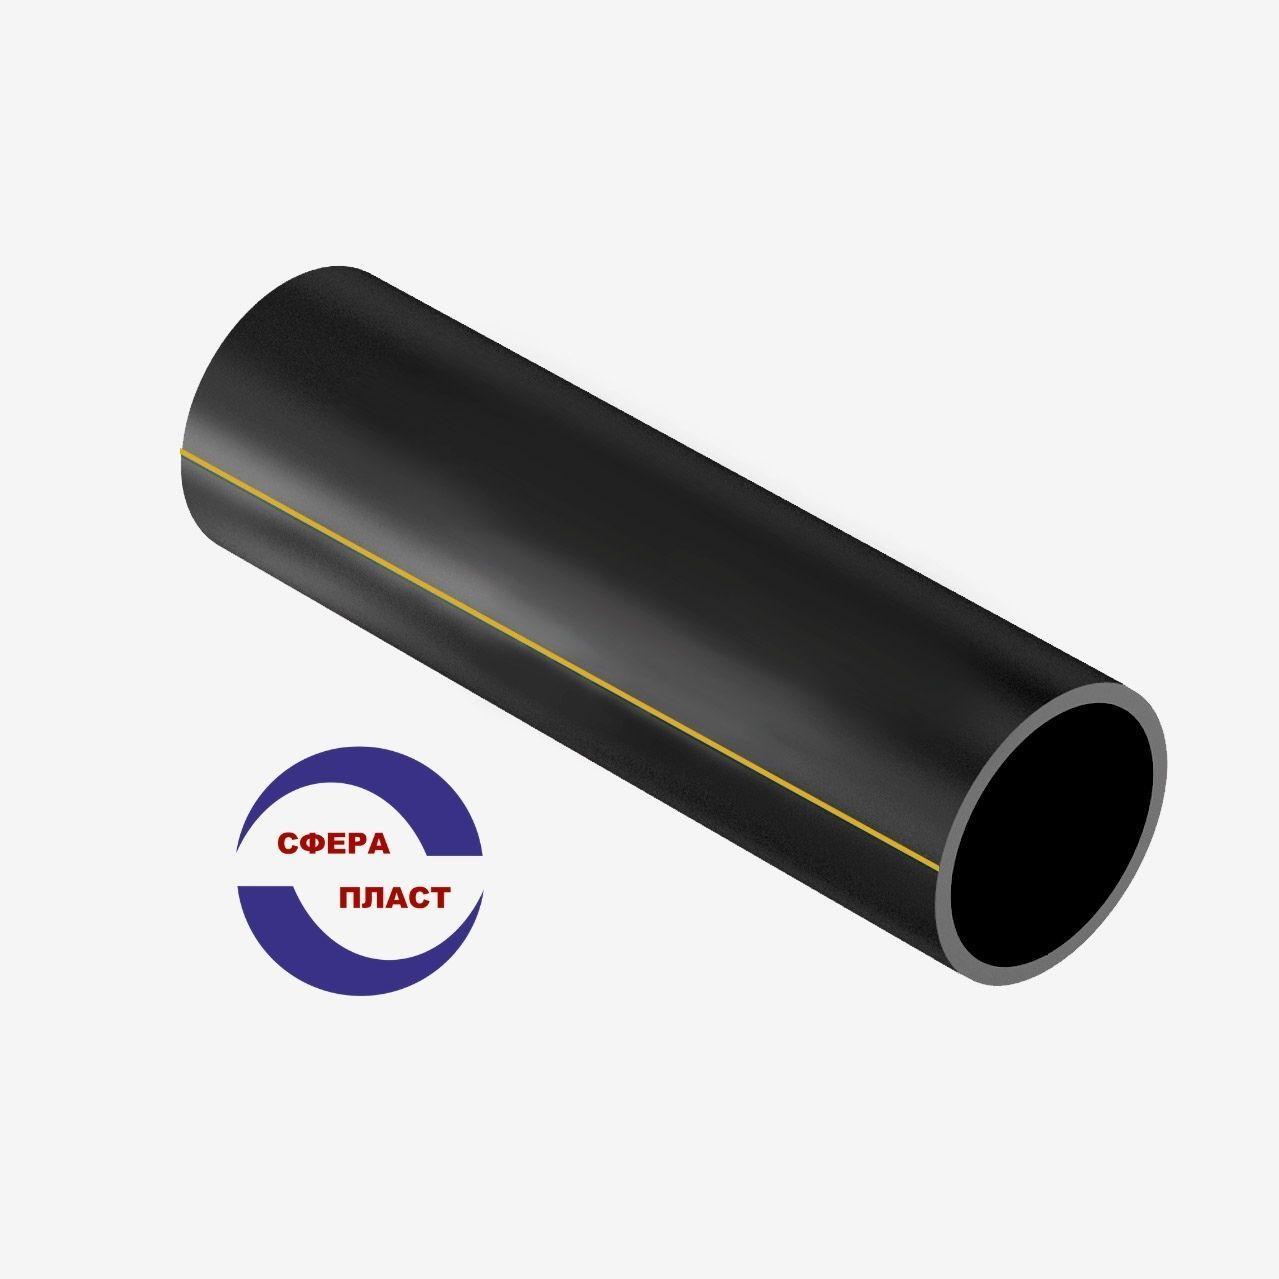 Труба Ду-32x3,0 SDR11 ГАЗ (16 атм.) полиэтиленовая ПЭ-100